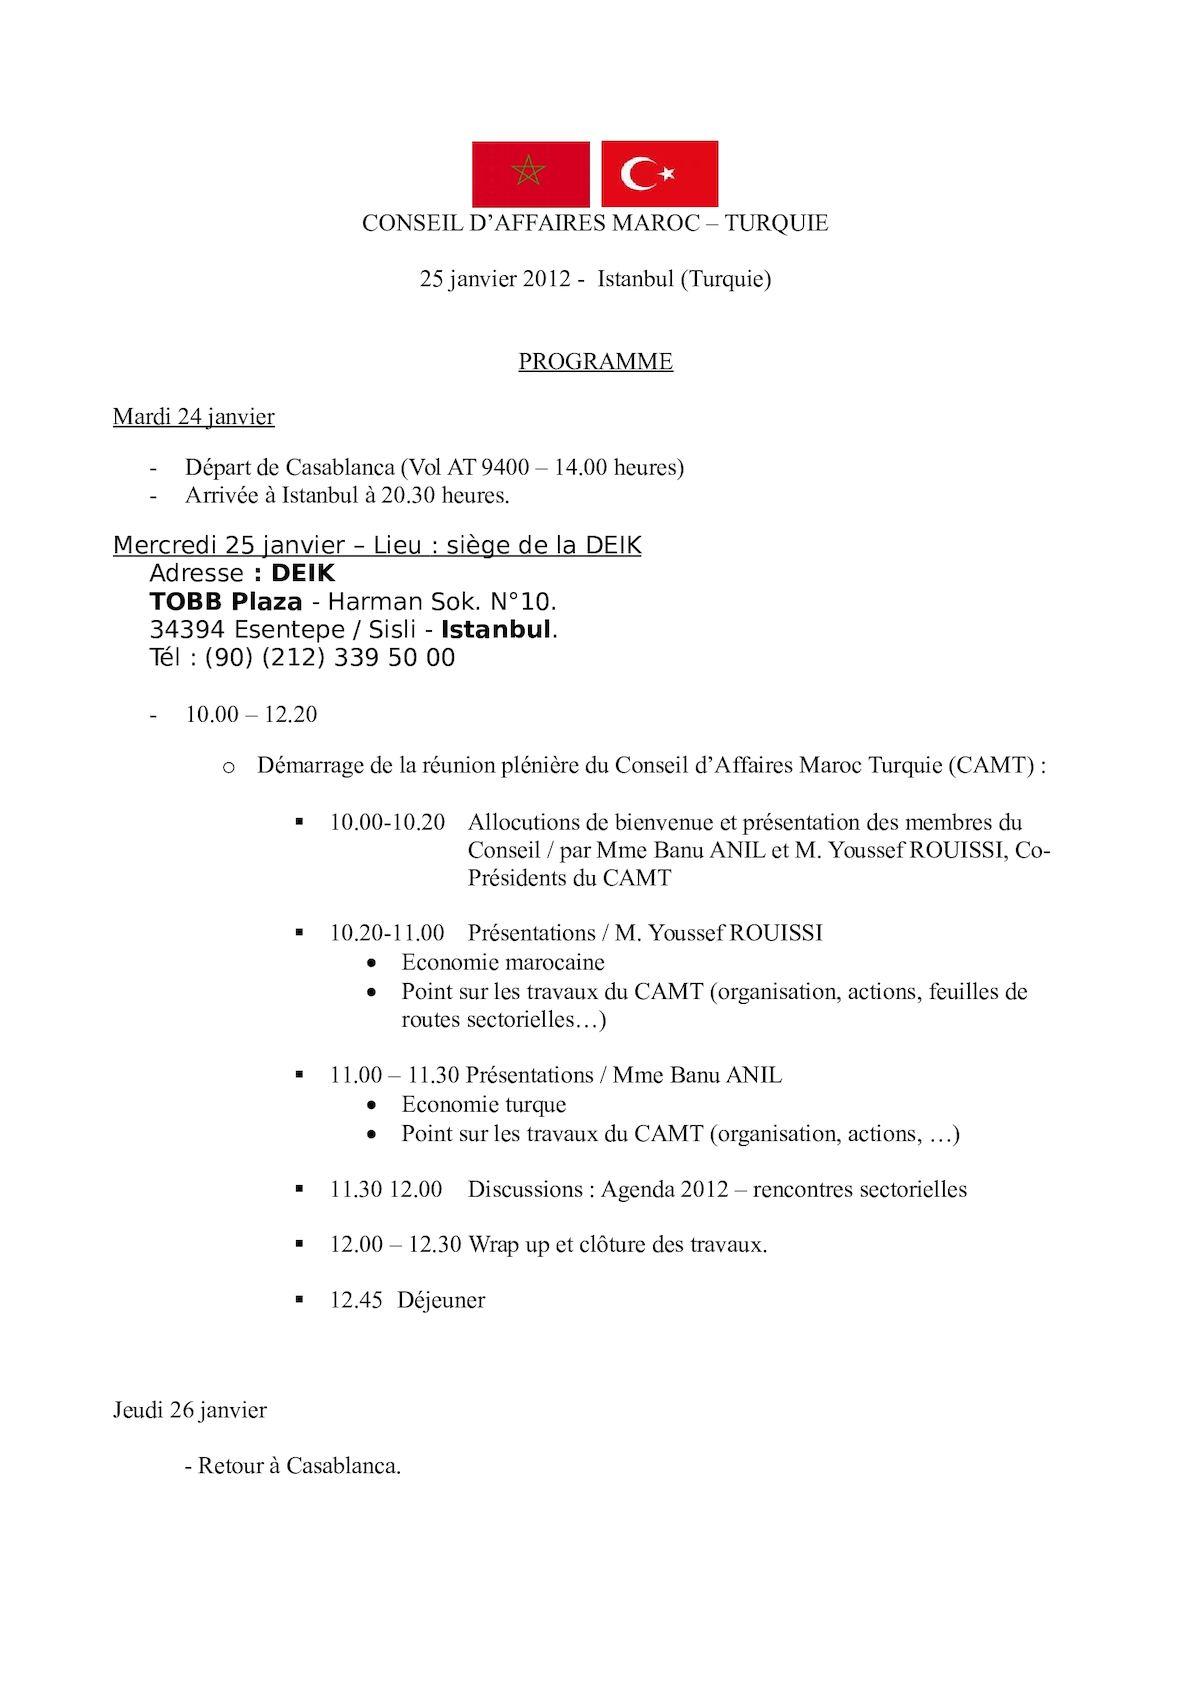 Programme Réunion Du 25 Janvier 2012 à Istanbul